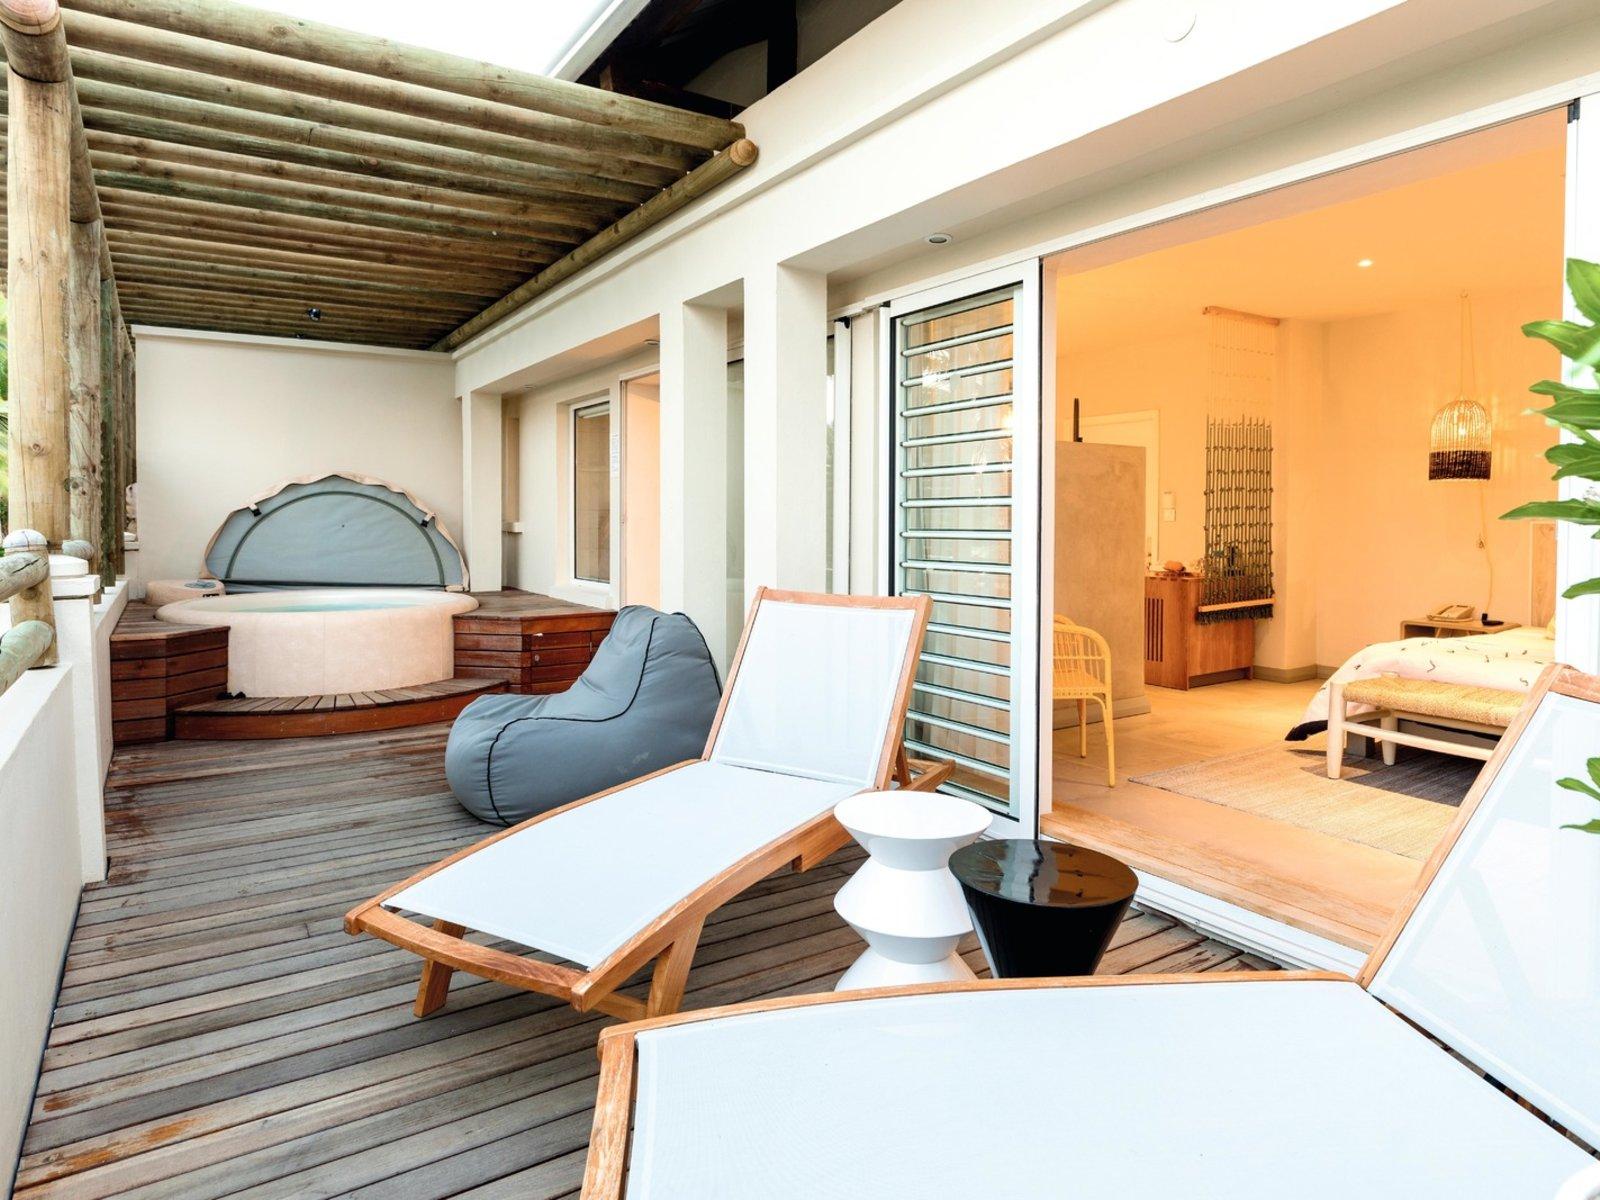 Wohnbeispiel Honeymoon Seaview Whirlpool Suite